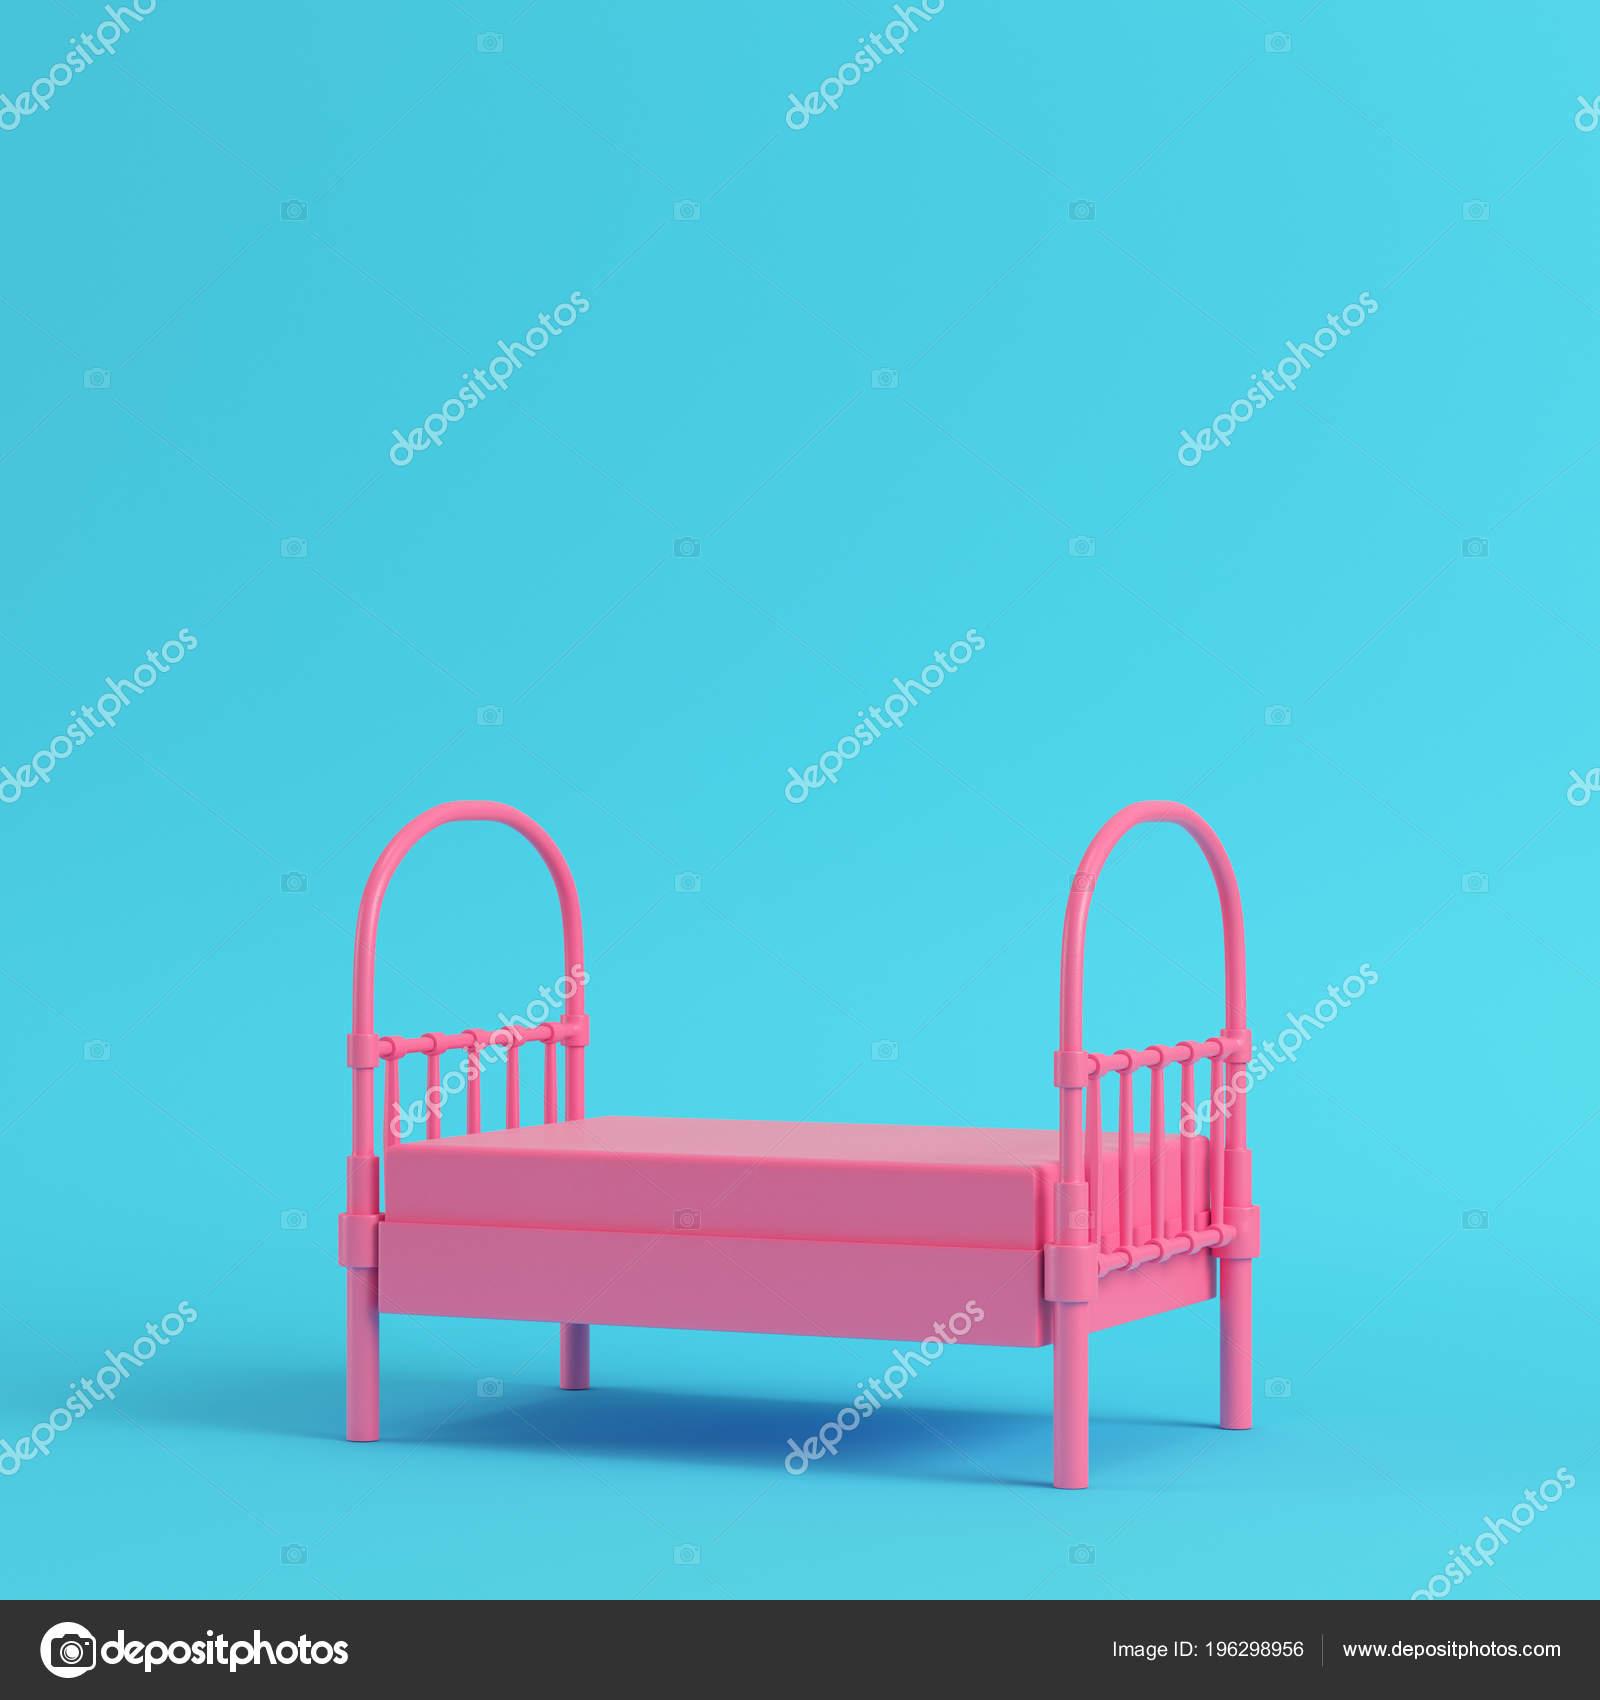 e151d8172 Cama Individual Color Rosa Sobre Fondo Azul Brillante Colores Pastel–  Imagen de Archivo